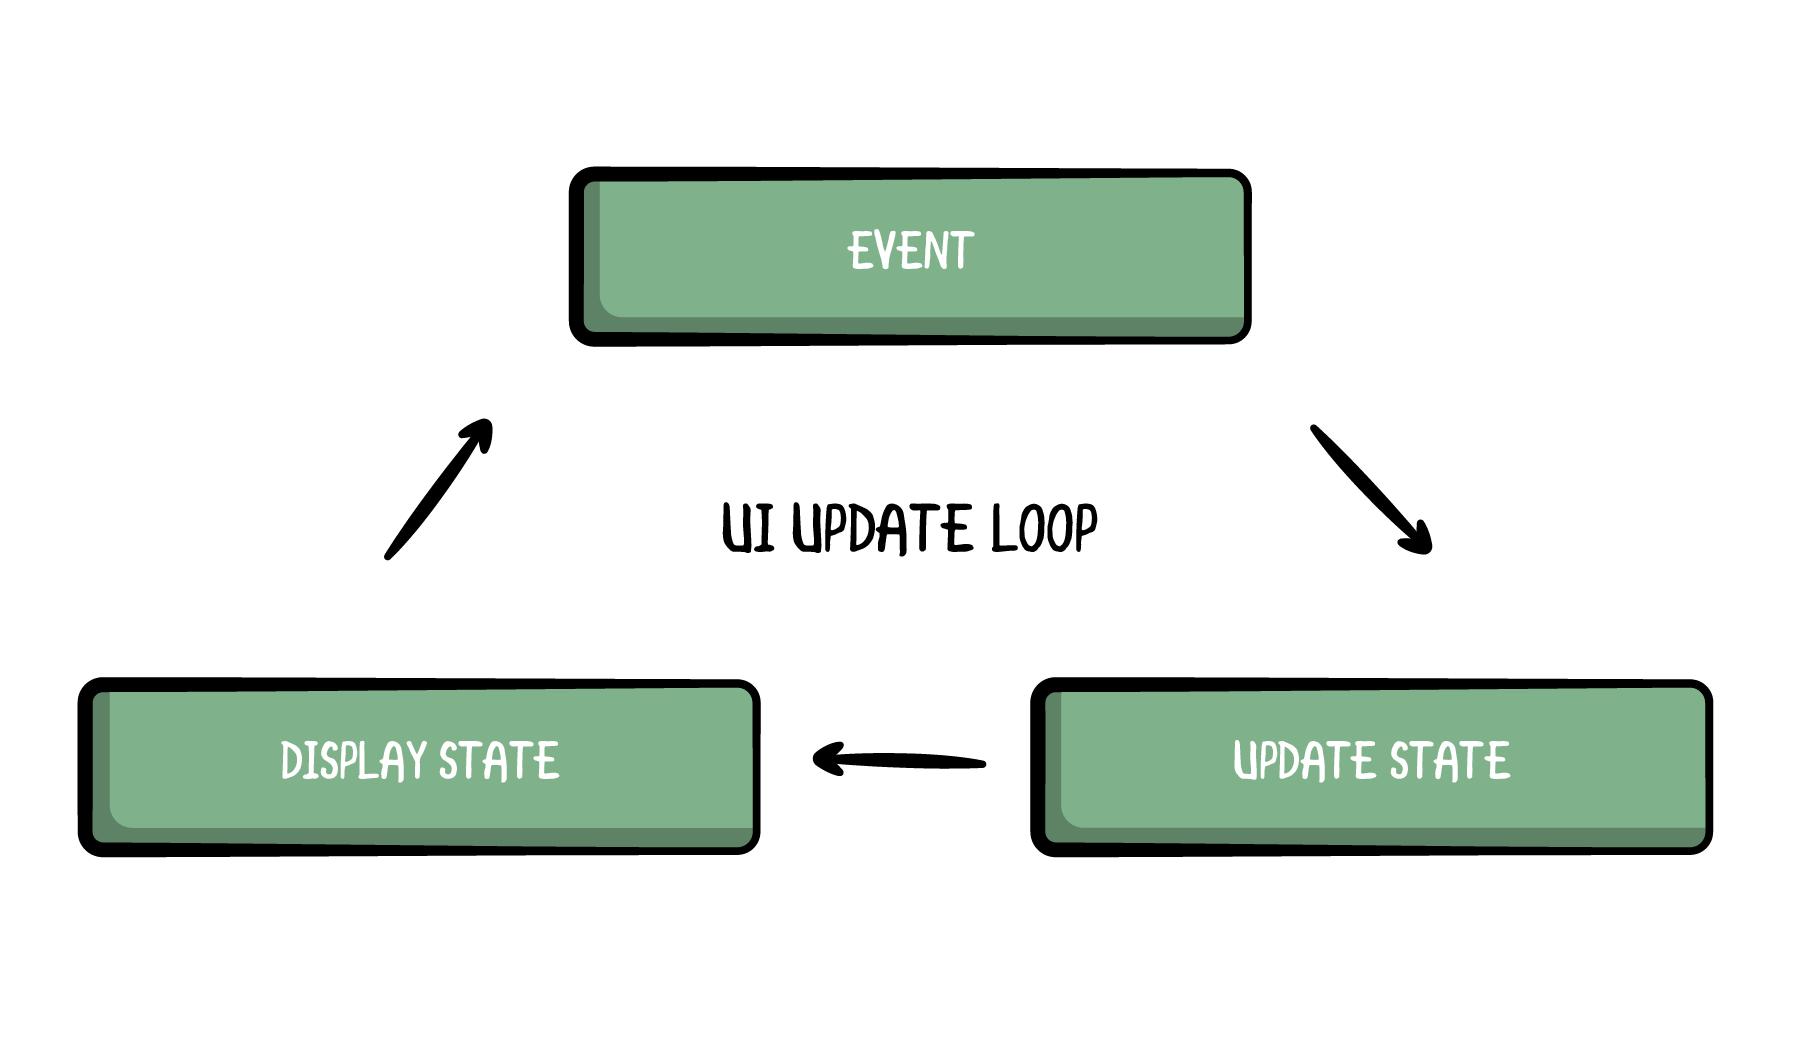 UI Update Loop